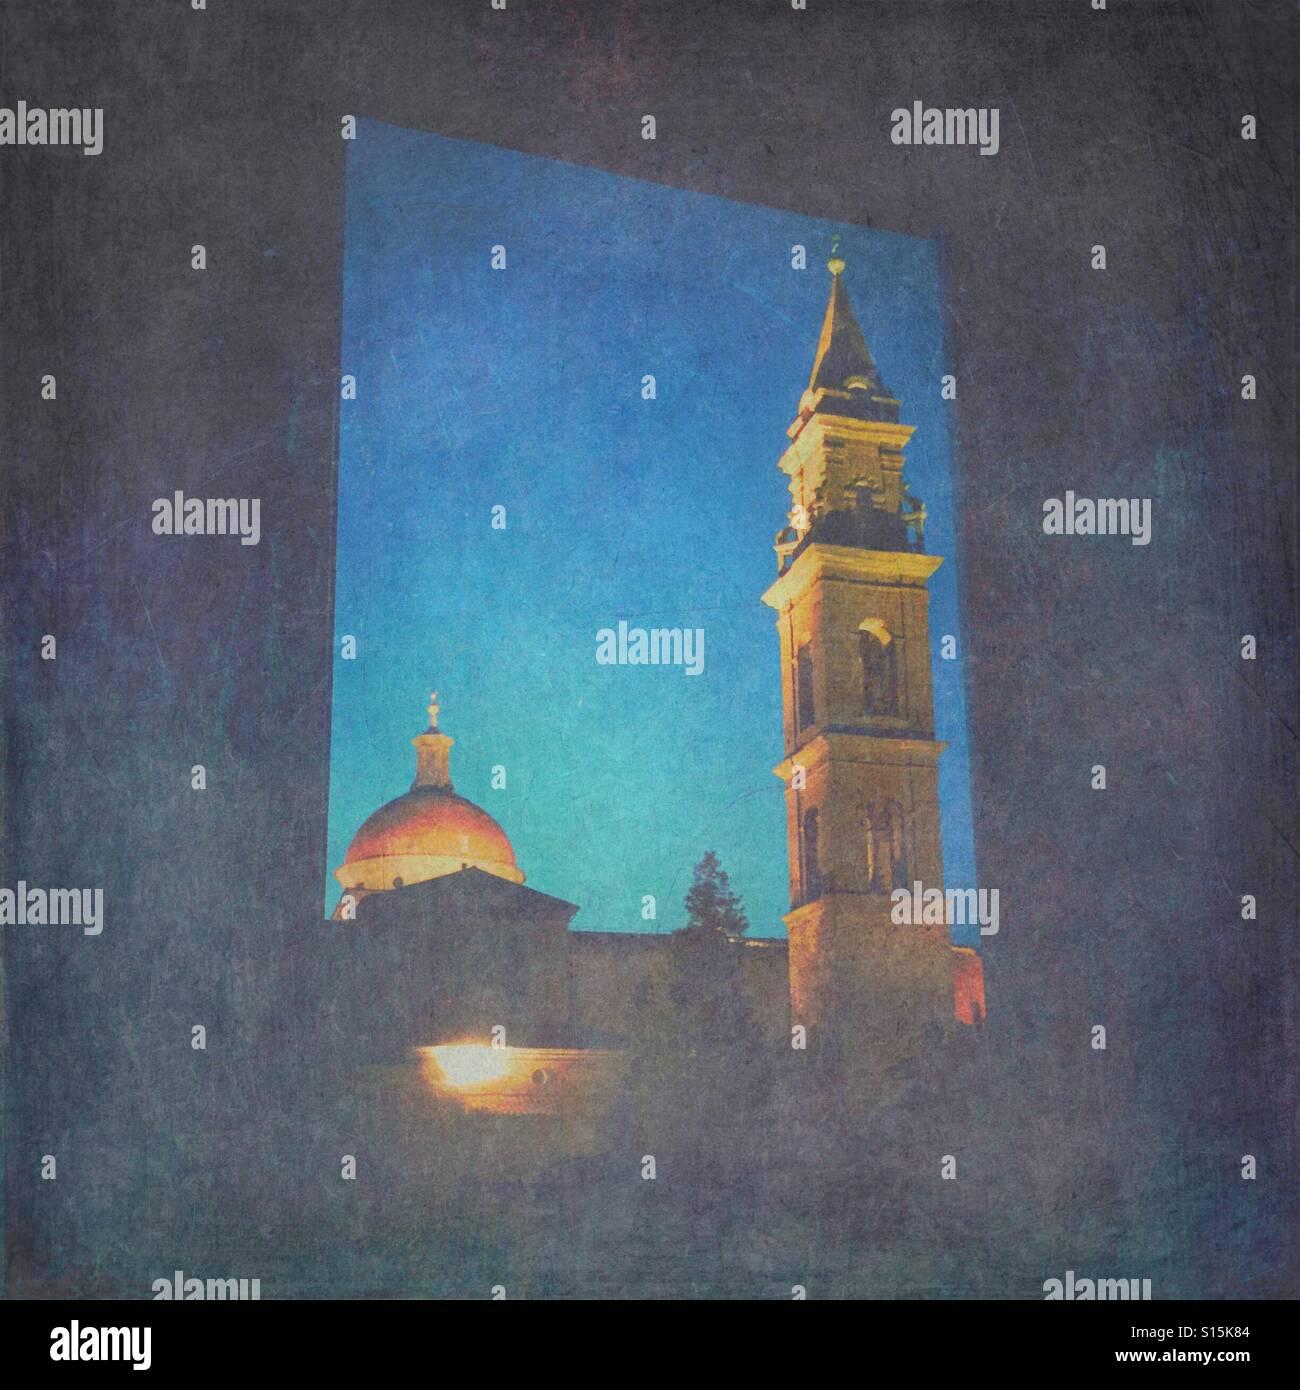 Vista de la Basílica di Santo Spirito iglesia temprano en la mañana, durante la hora azul, visto a través de la ventana. Vintage Textura de papel superpuestas. Foto de stock